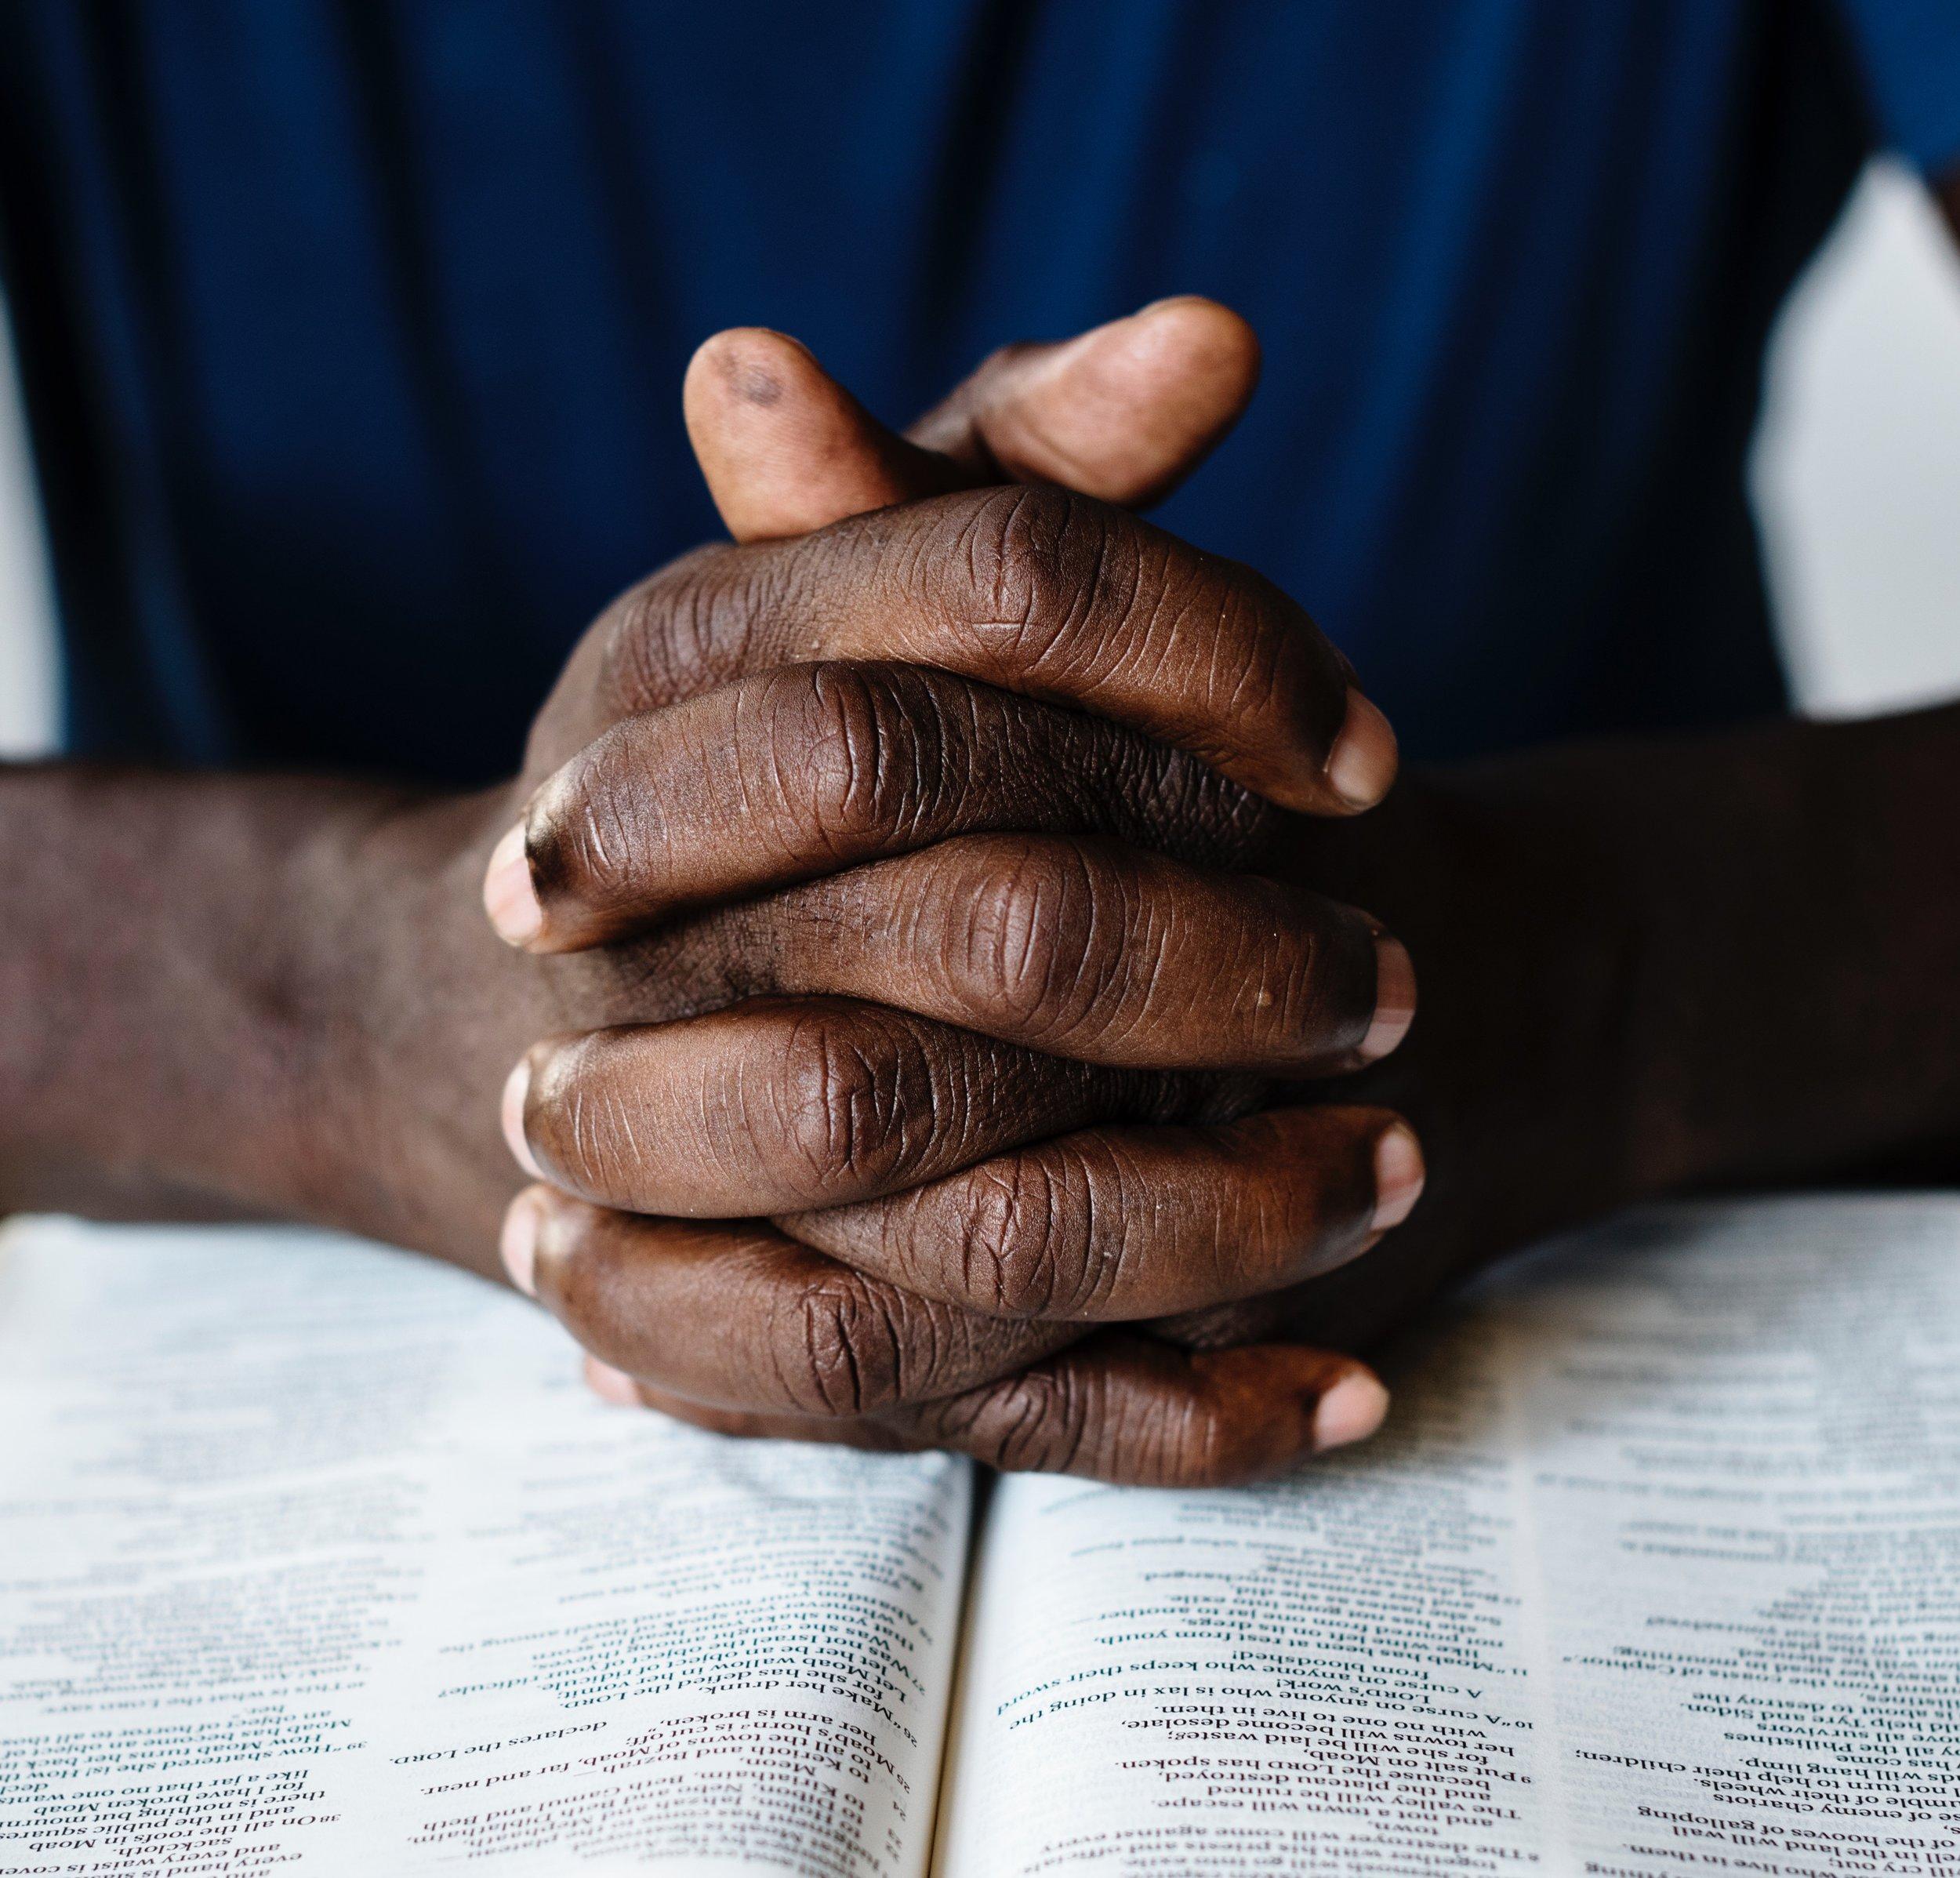 JOIN IN PRAYER -